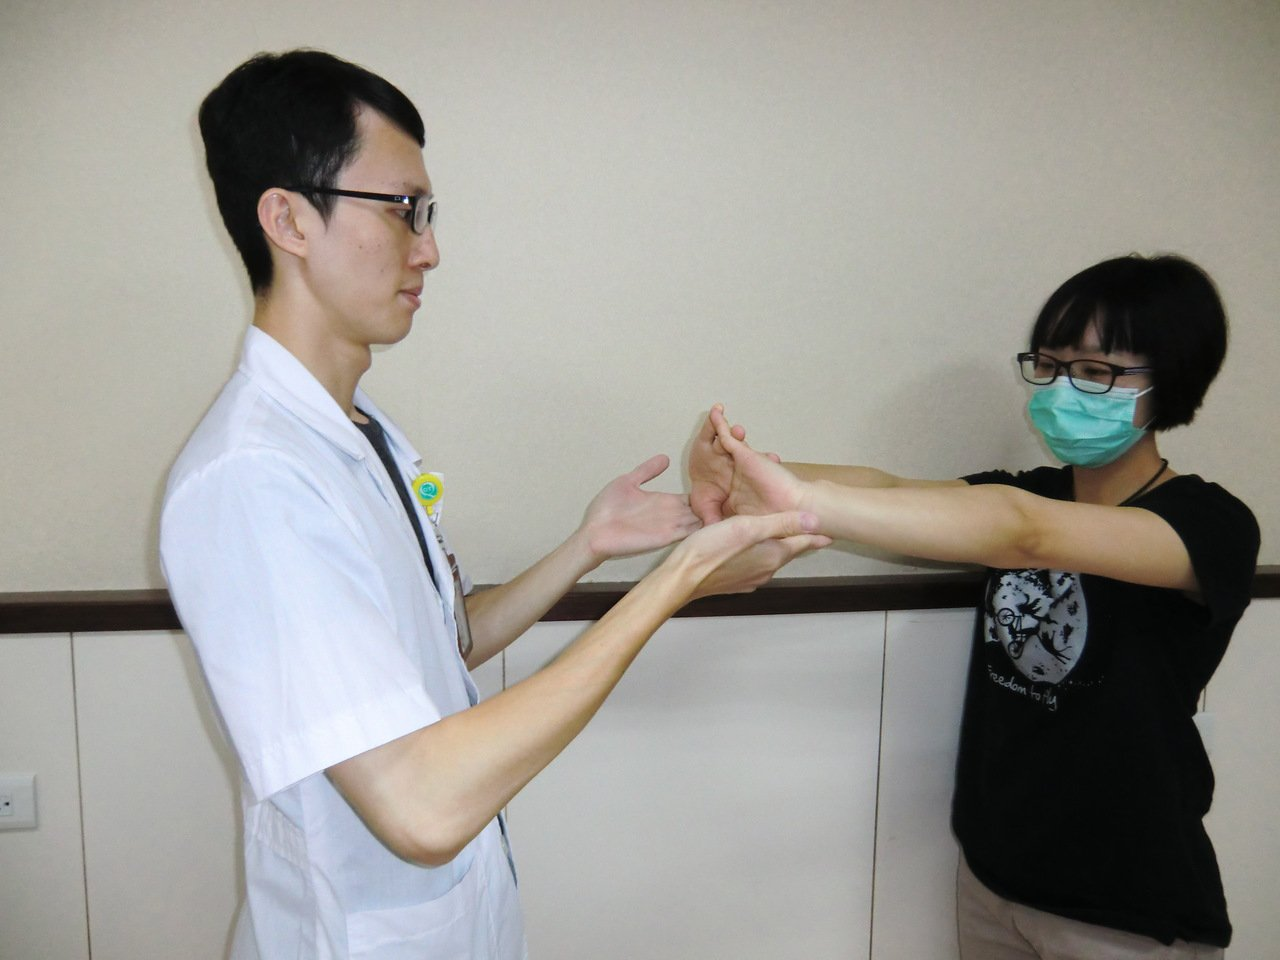 第一招【手掌牽拉運動】:雙手合掌,掌心朝外,以便讓手掌肌肉放鬆。維持10秒,每天...